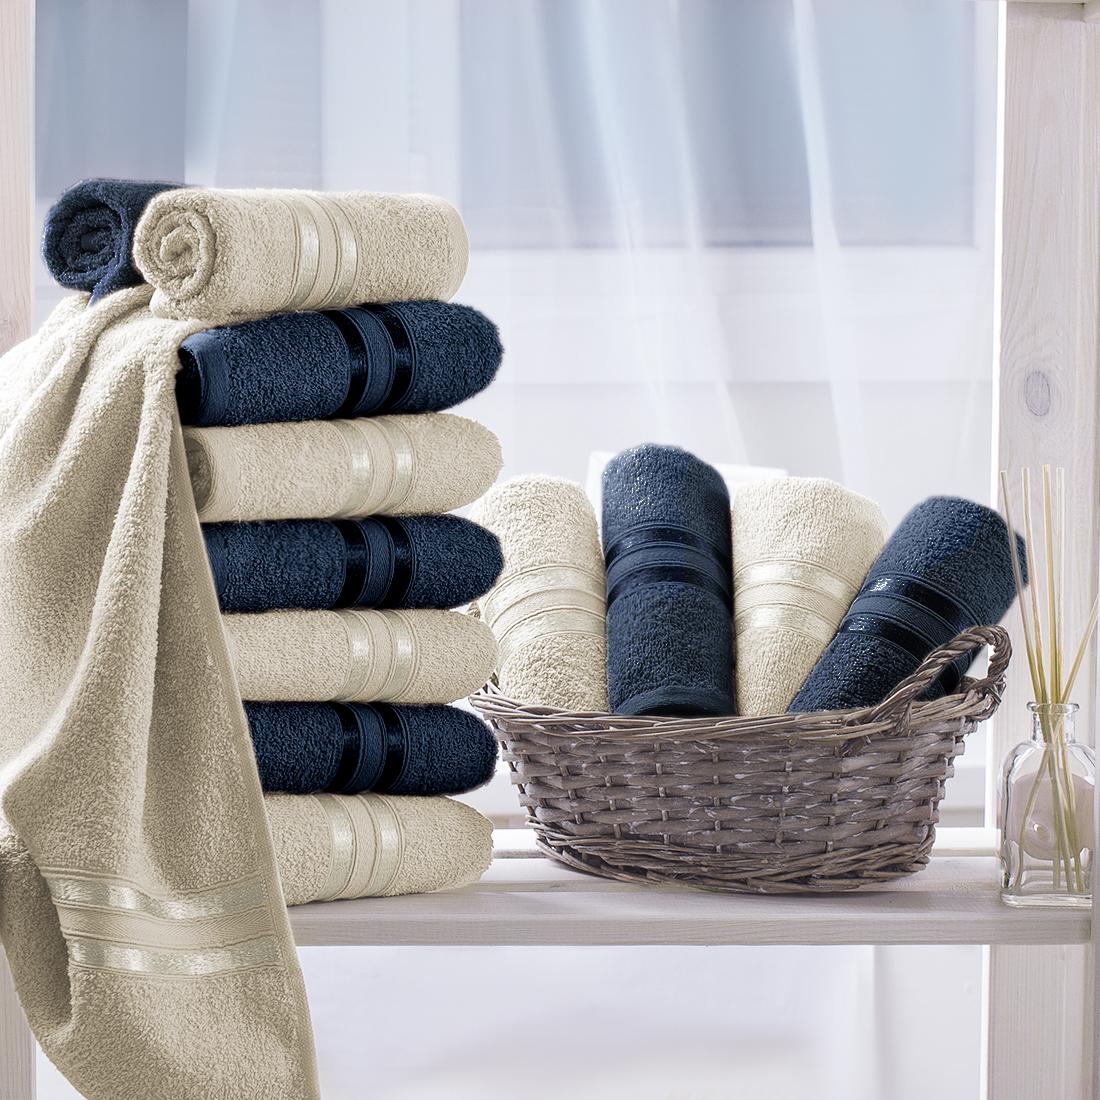 Купить Полотенца Dome, Полотенце для рук Harmonika Цвет: Темно-Синий, Экрю (33х50 см - 12 шт), Дания, Махра